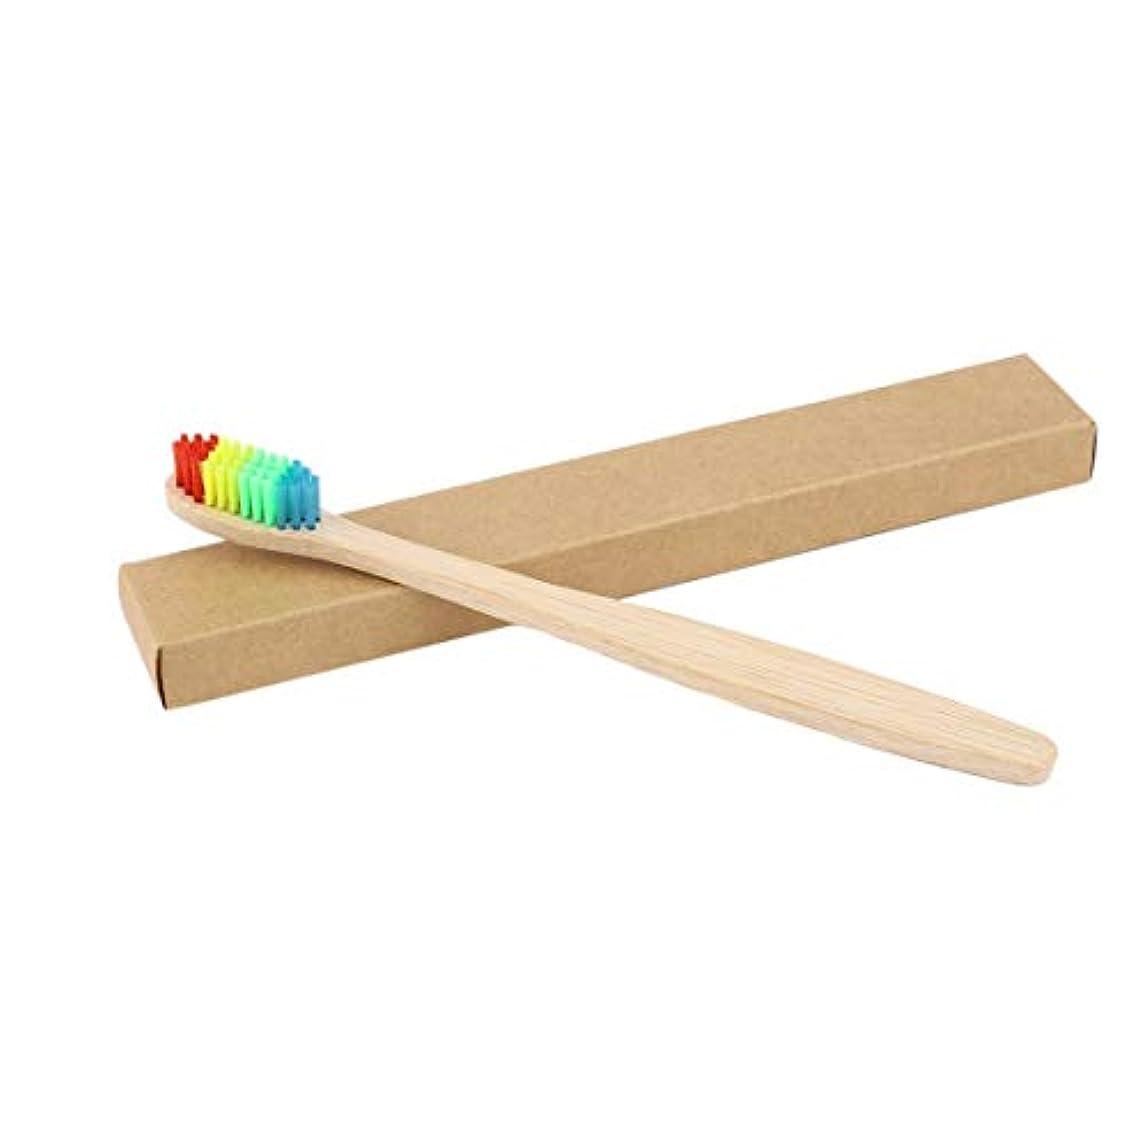 描写家禽バングカラフルな髪+竹のハンドル歯ブラシ環境木製の虹竹の歯ブラシオーラルケアソフト剛毛ユニセックス - ウッドカラー+カラフル